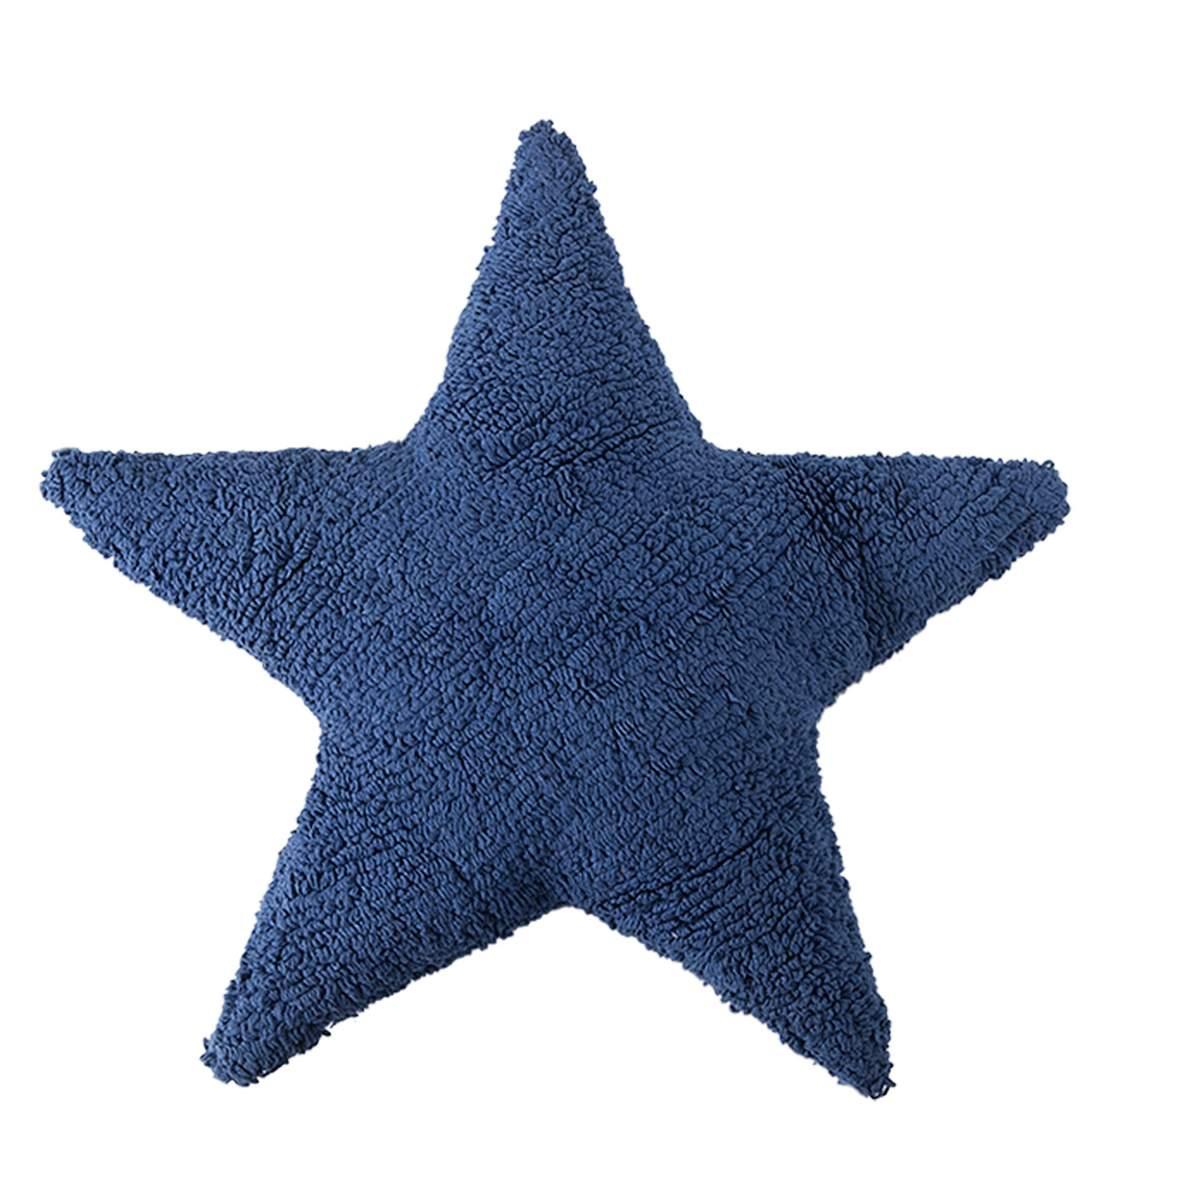 Artikelbild: Stern-Kissen Blau aus Baumwolle, Lorena Canals